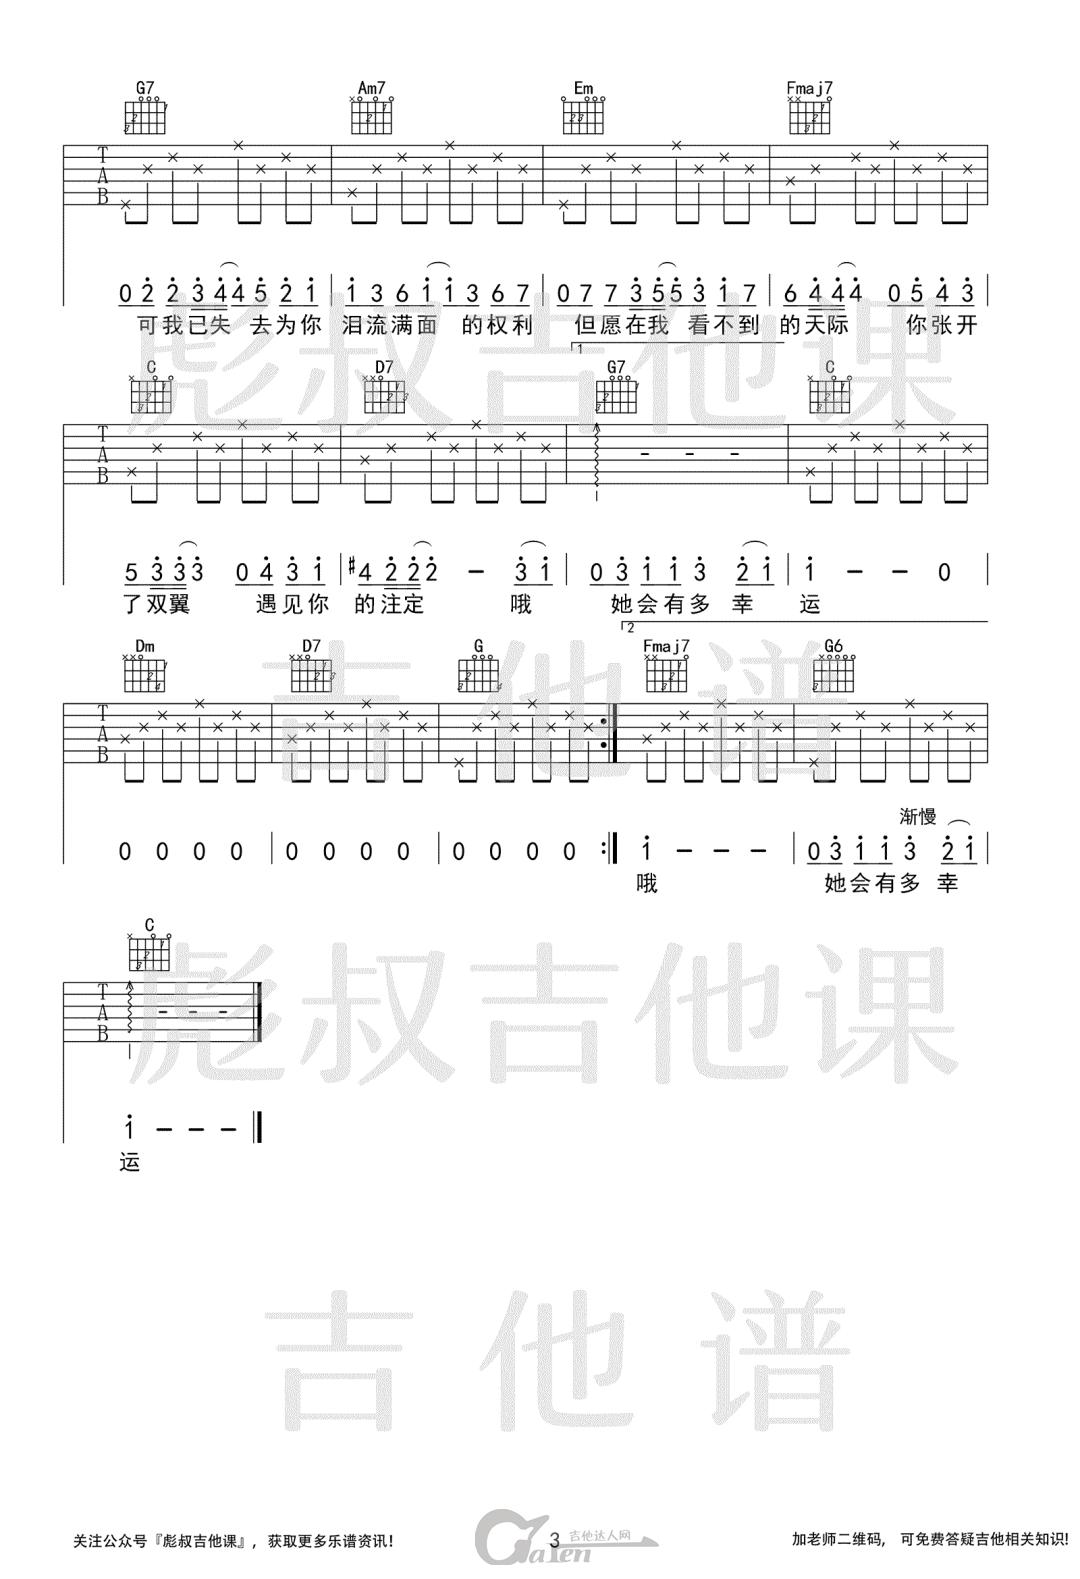 田馥甄《小幸运》C调吉他谱_吉他教学视频_吉他达人网